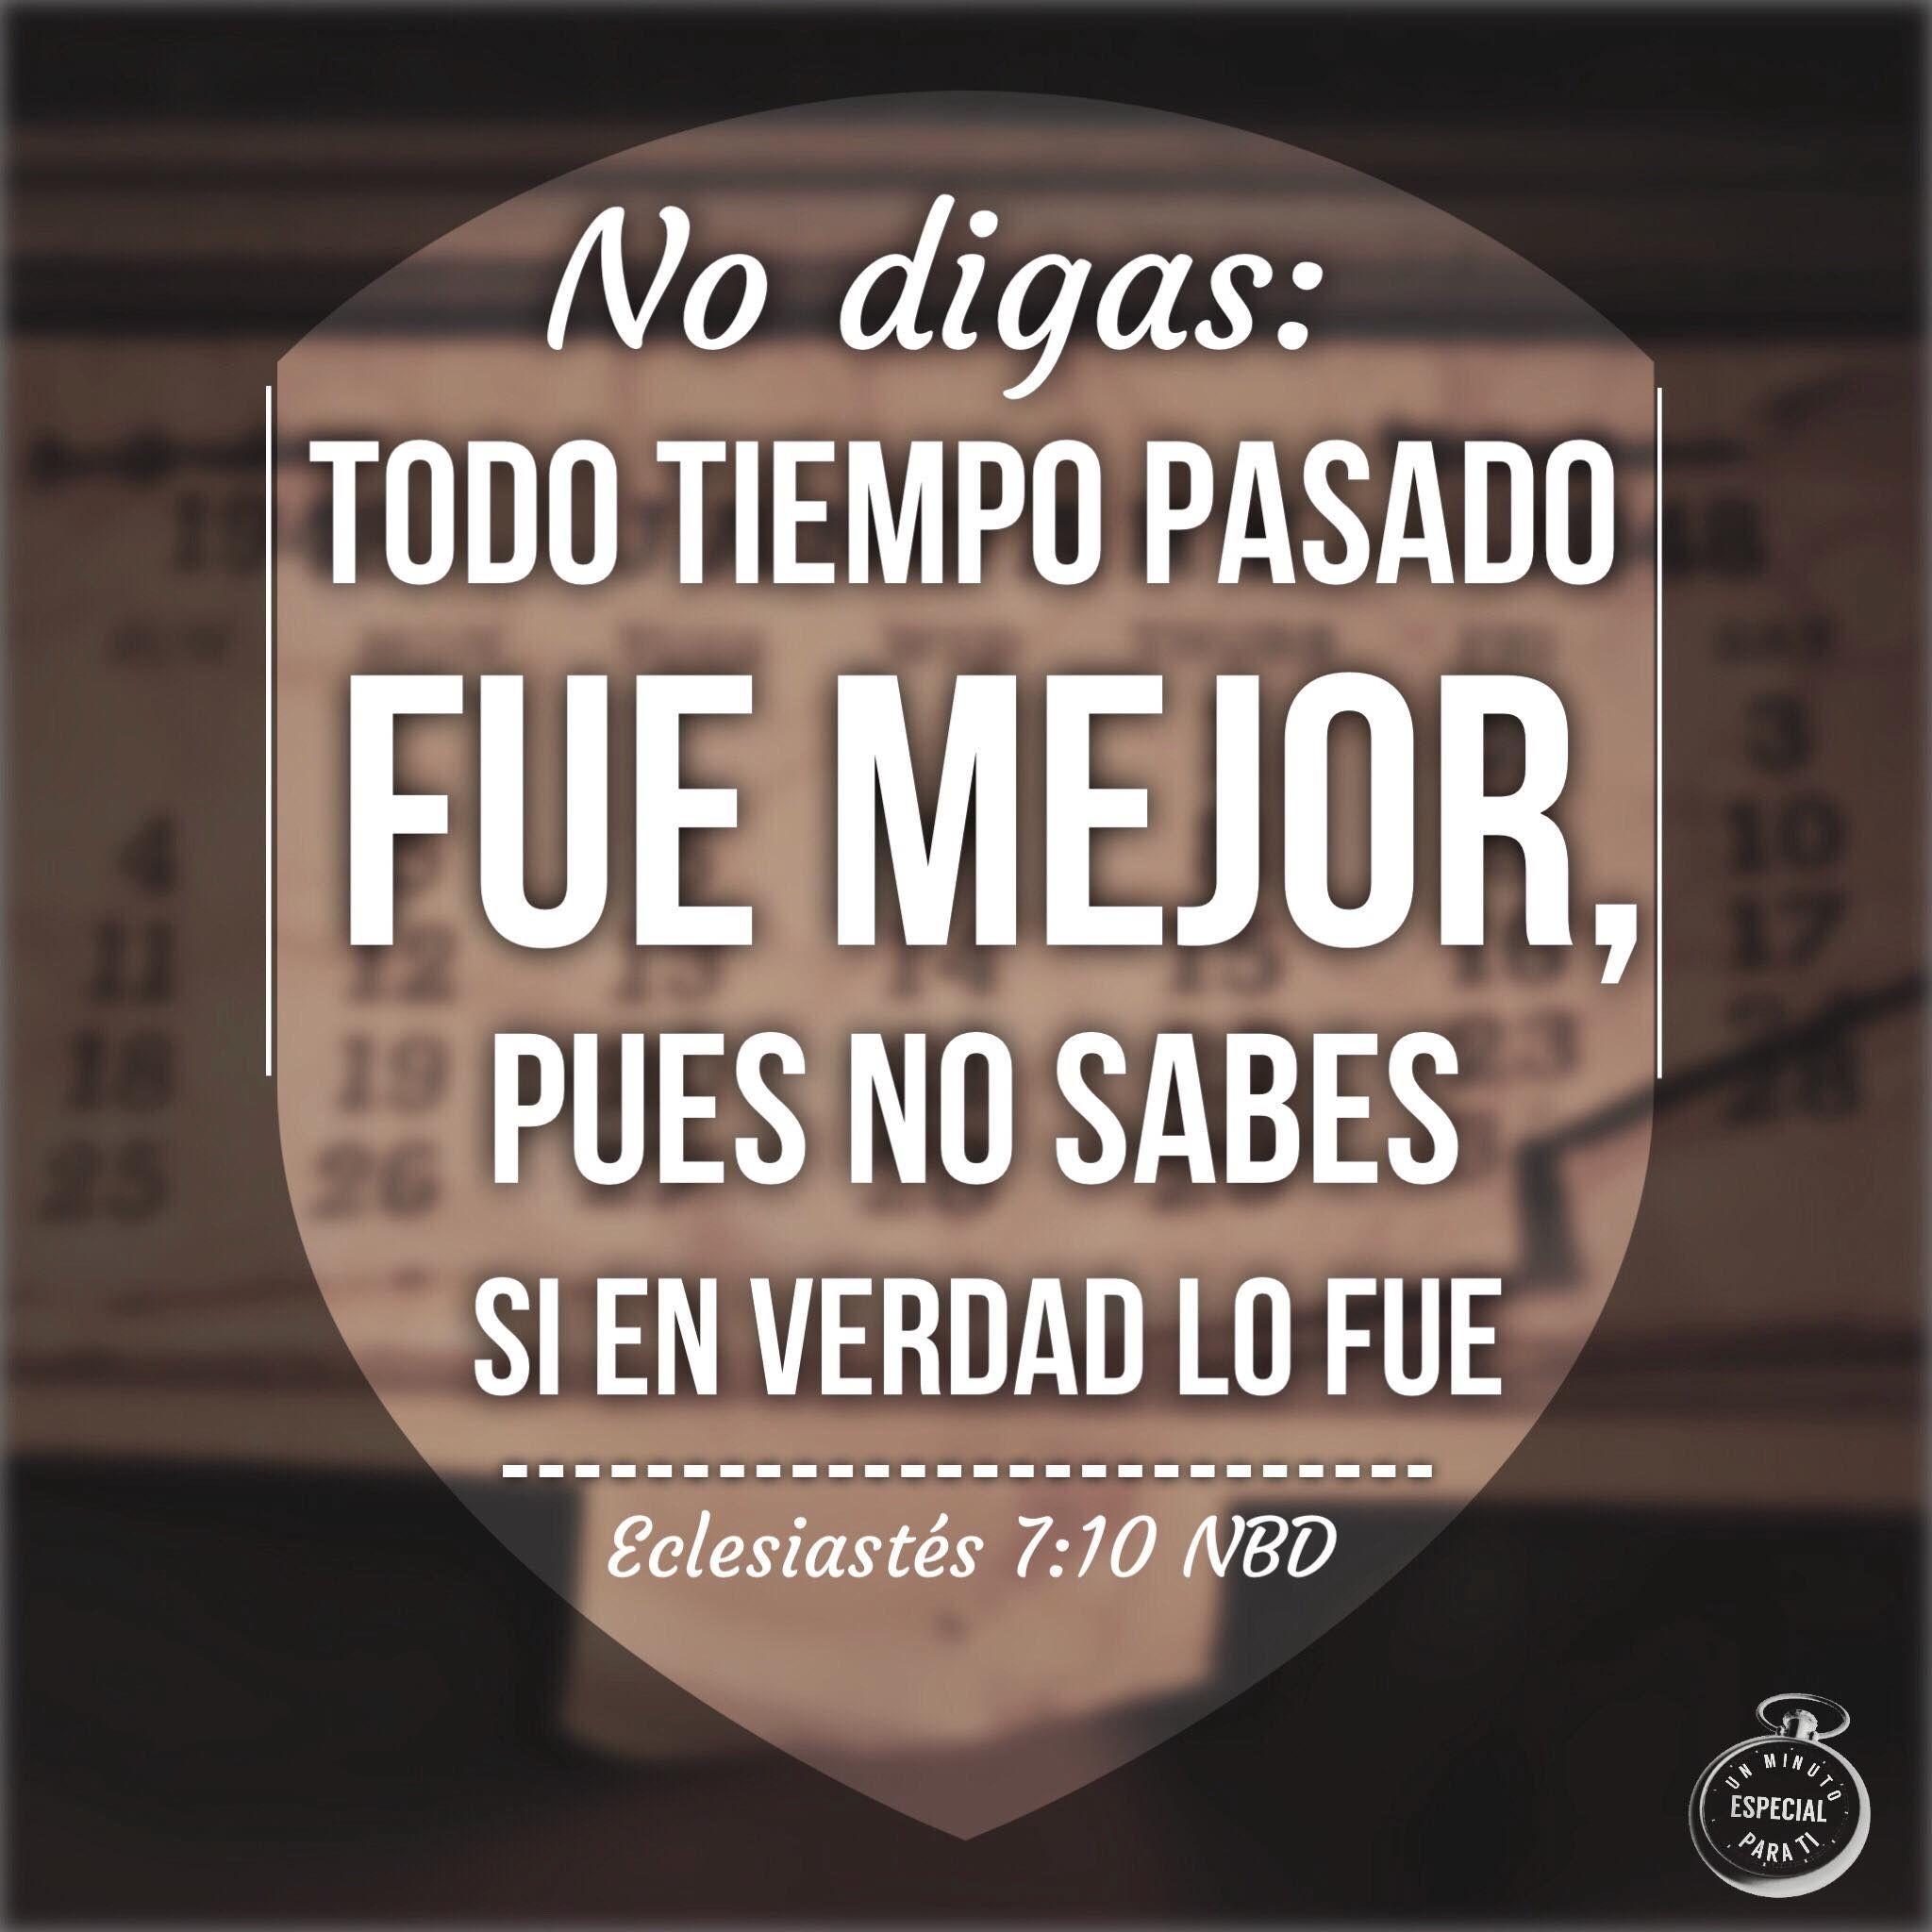 Eclesiastes 7 10